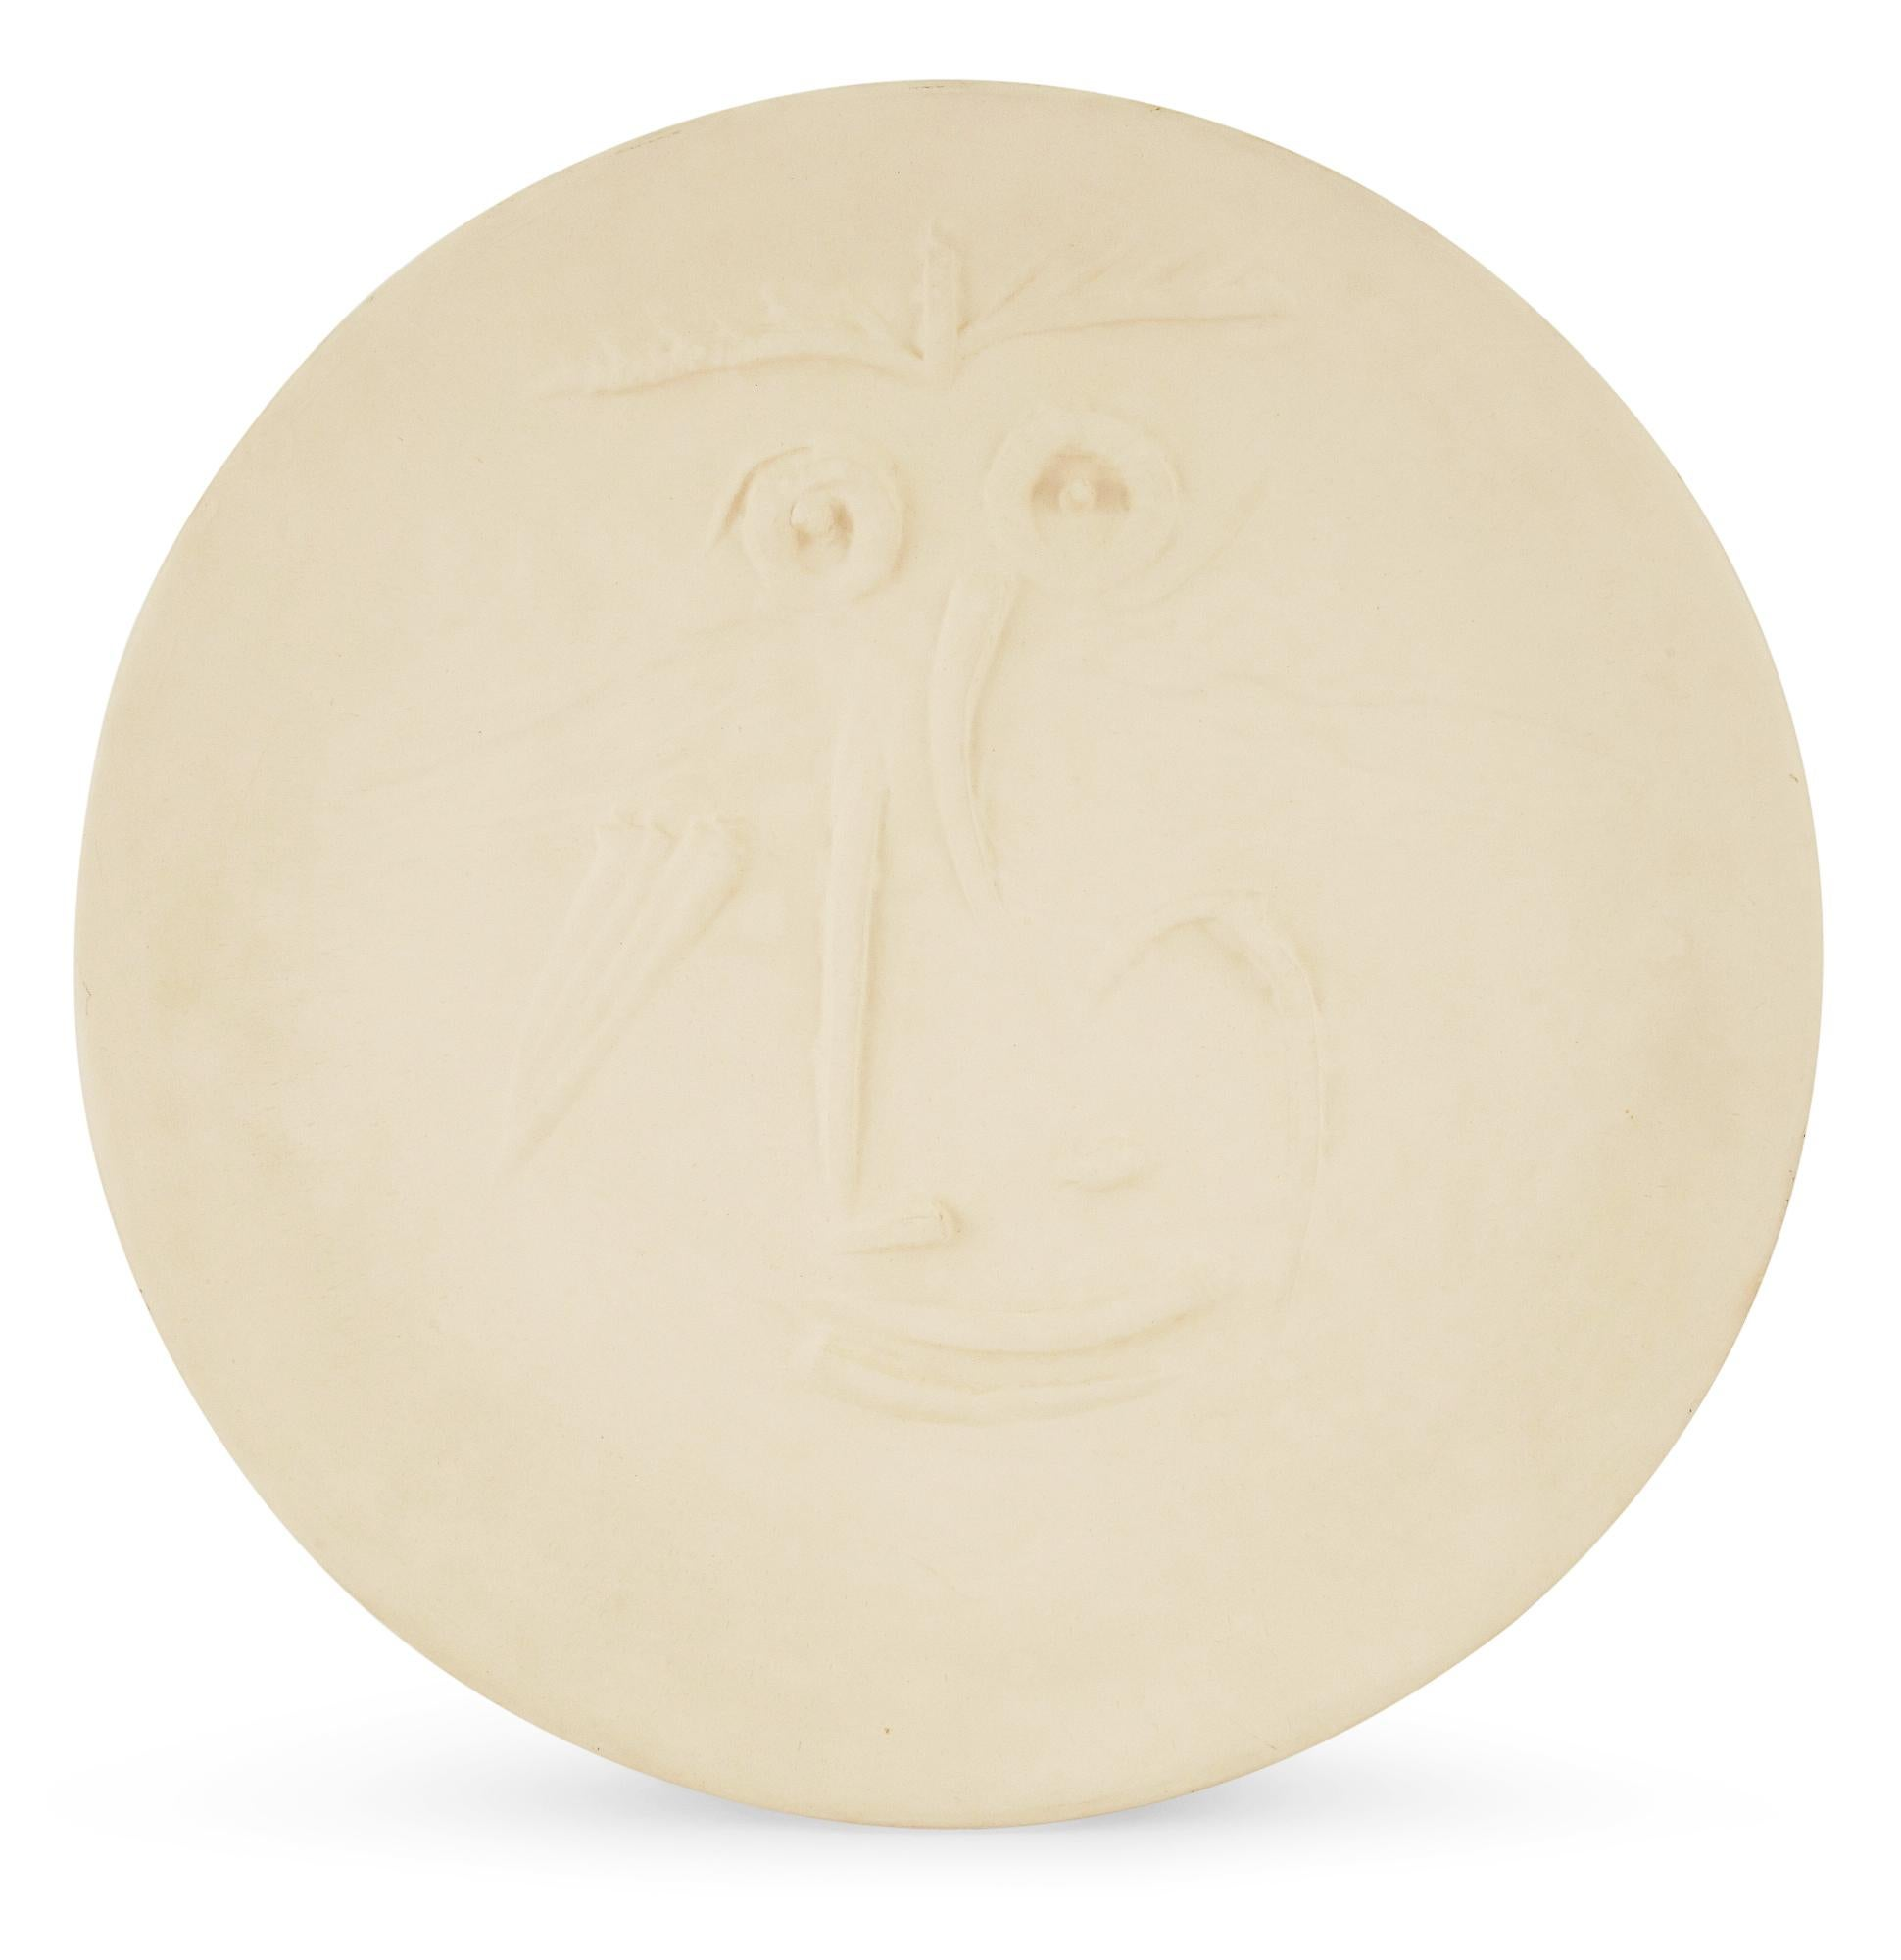 Pablo Picasso Madoura Ceramic Plate 'Visage' Ramié 445